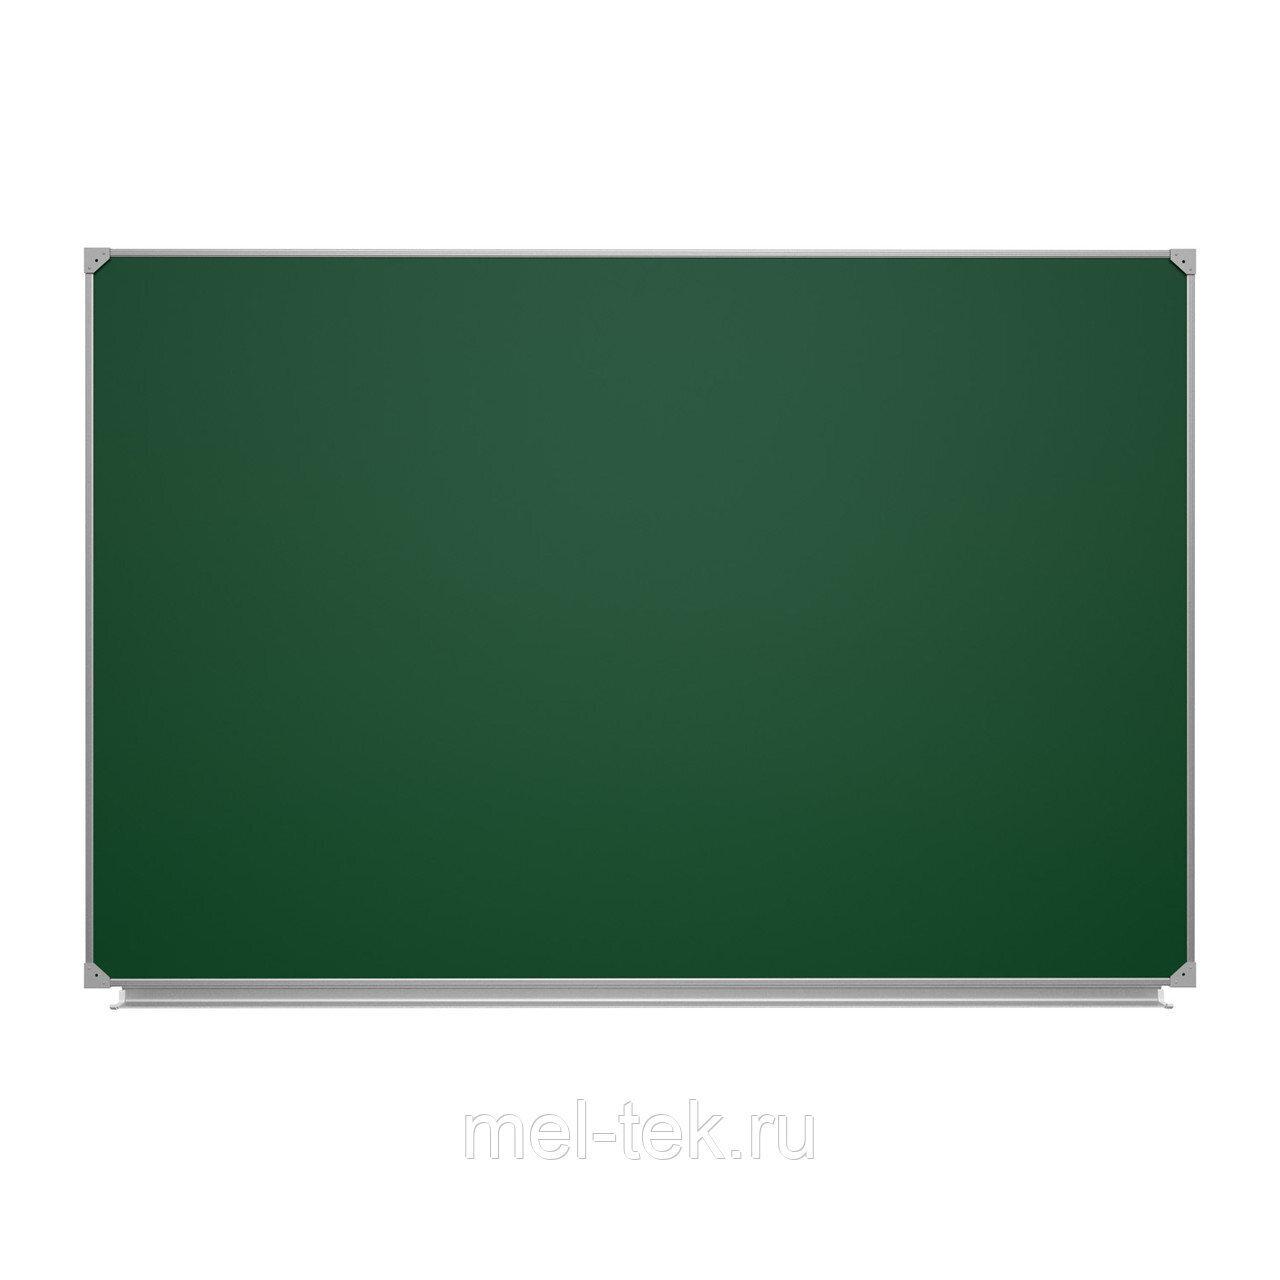 Доска магнитно-меловая 1эл 75 х 50 см